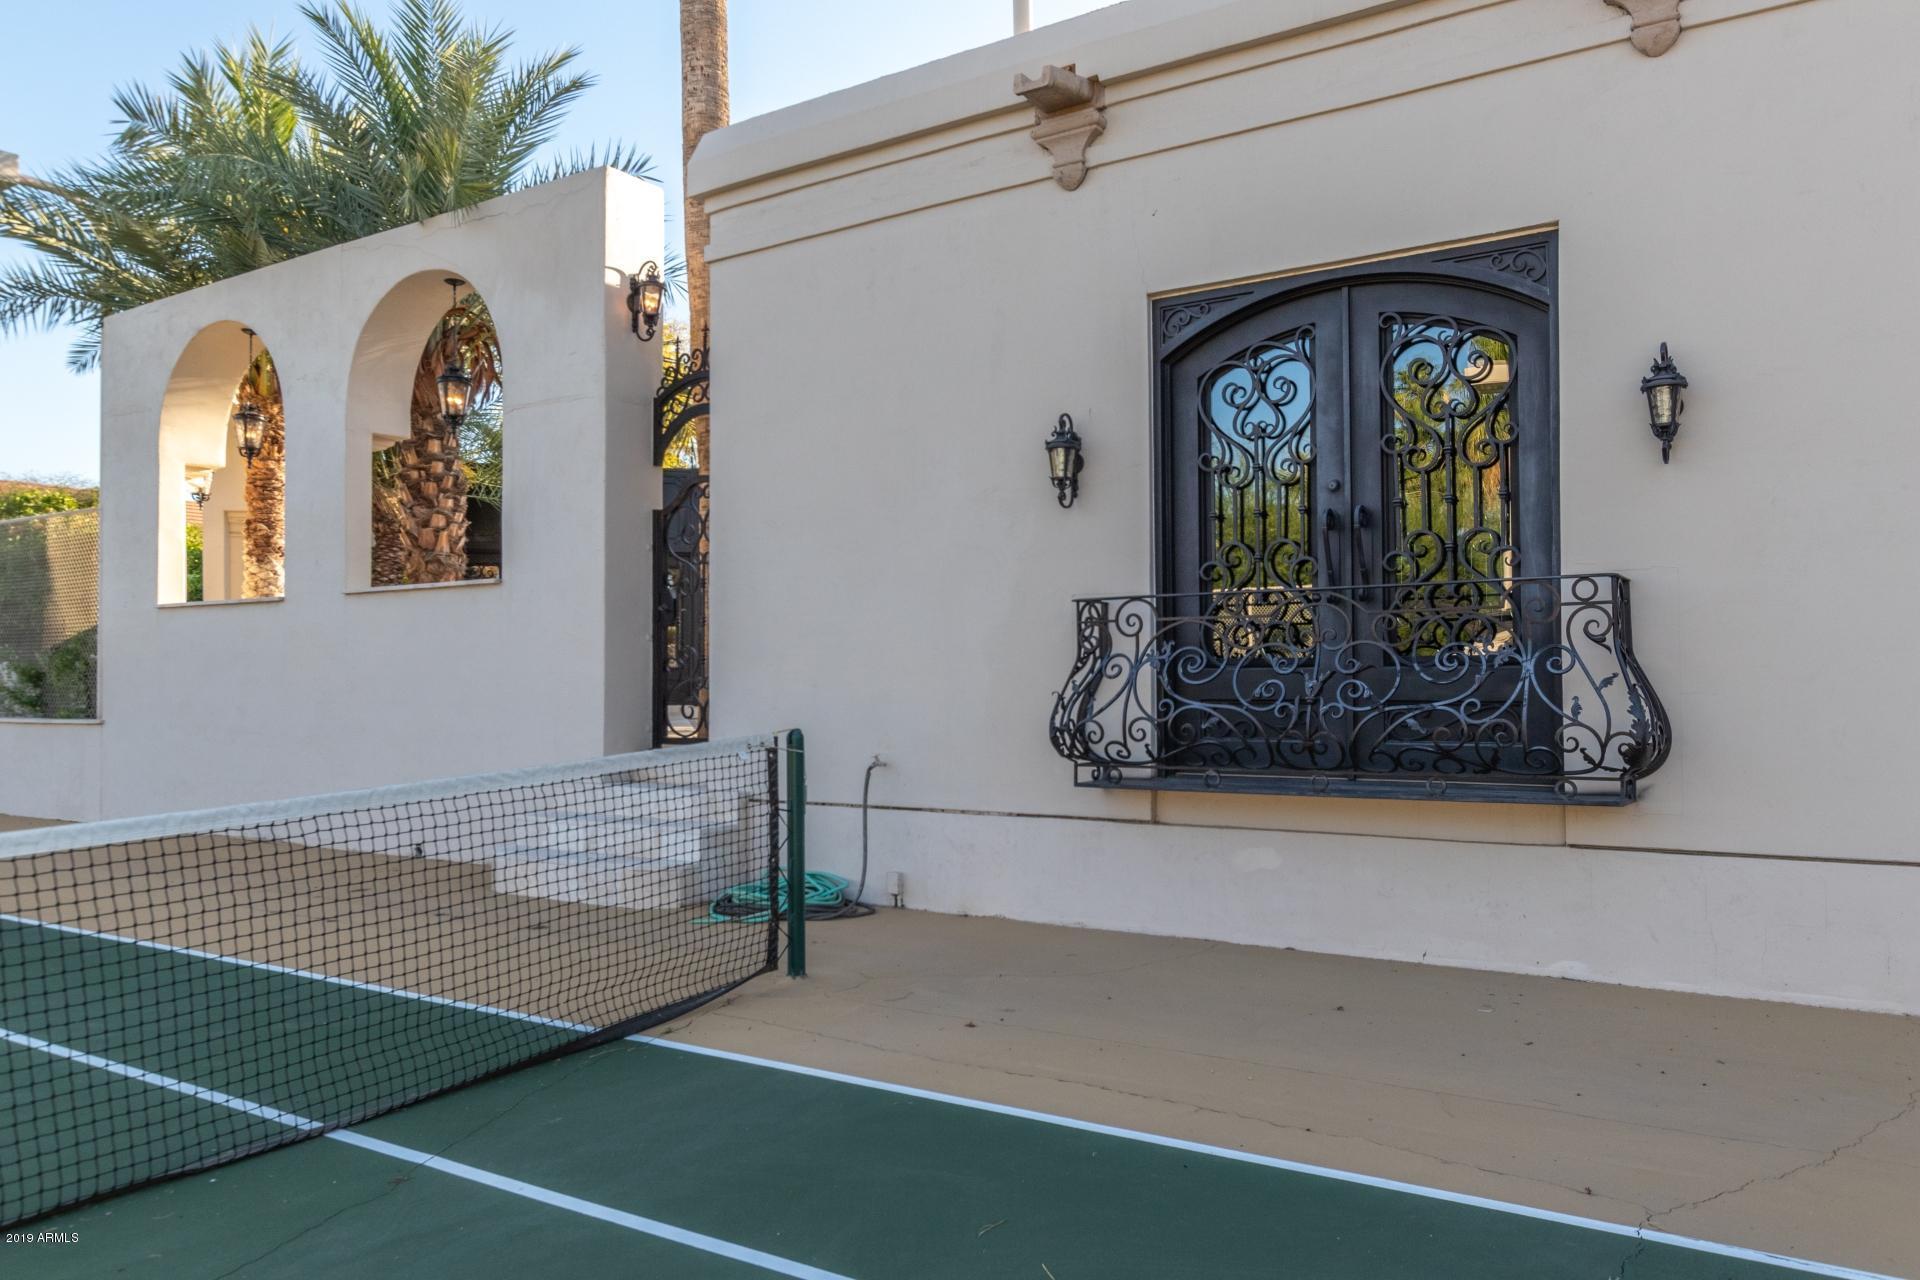 MLS 5914577 8701 N 65TH Street, Paradise Valley, AZ 85253 Paradise Valley AZ Tennis Court